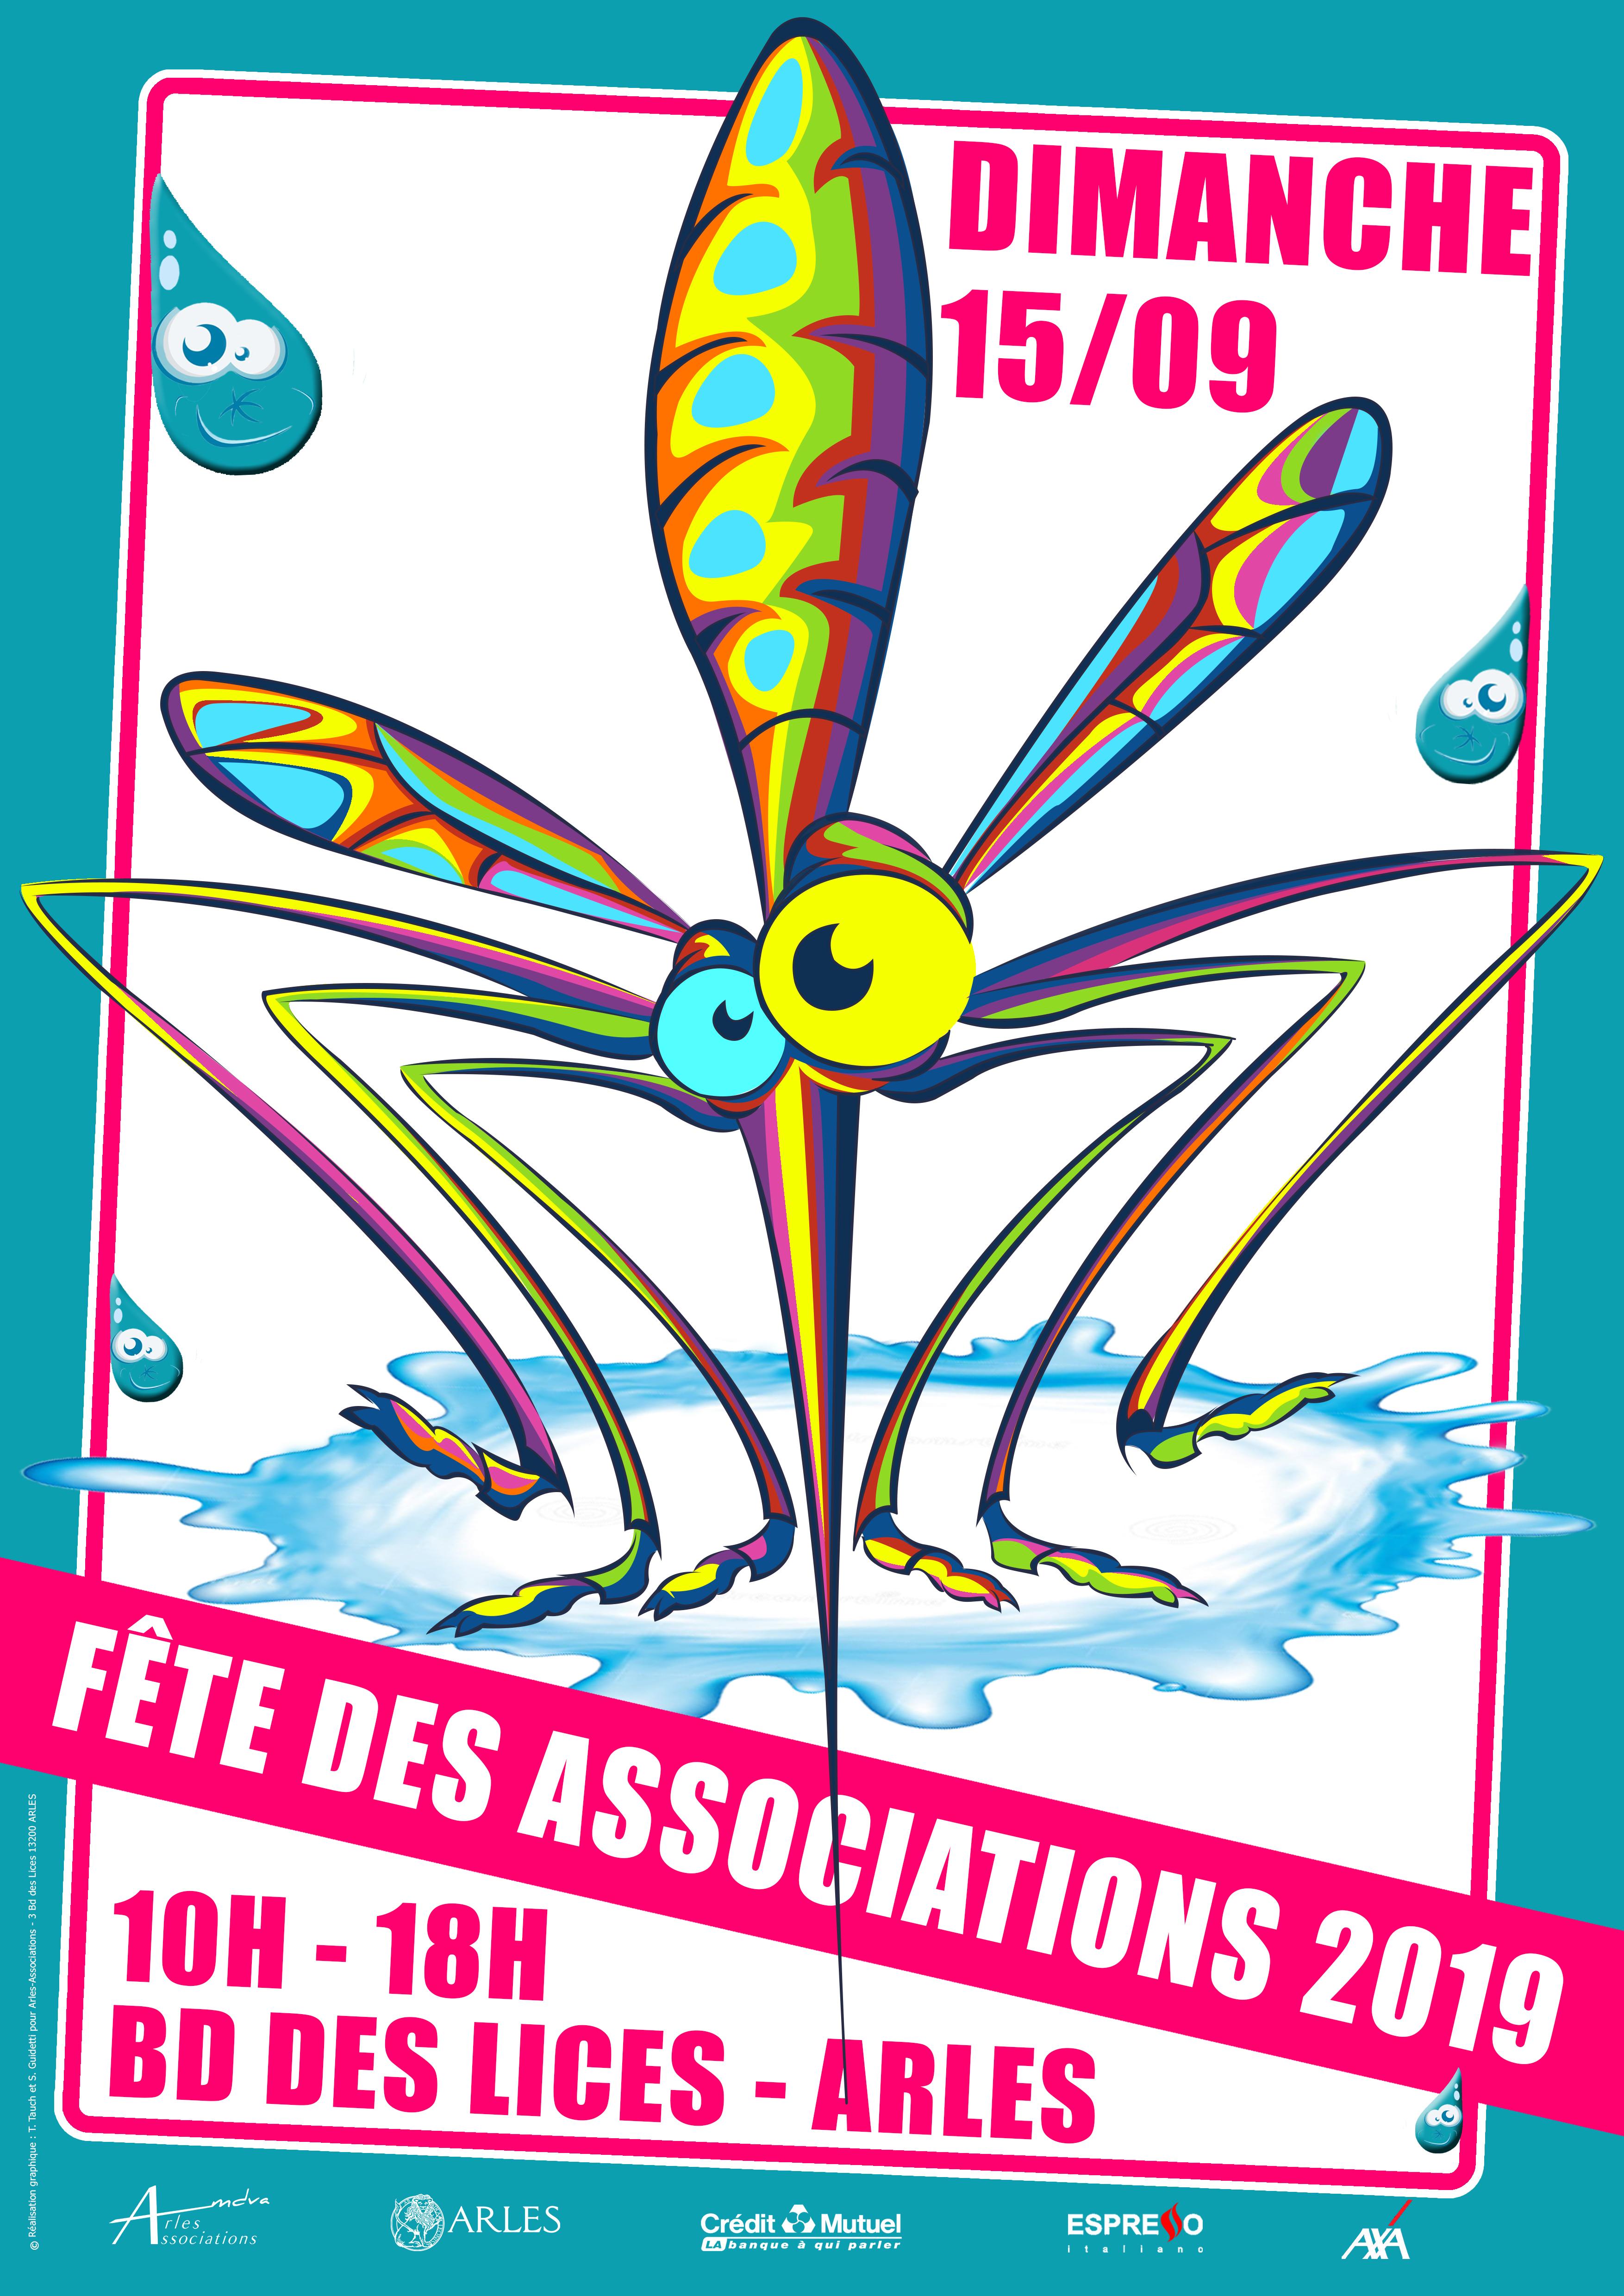 La Maison de la Vie Associative organise une journée consacrée au partage et à la découverte du monde associatif arlésien.